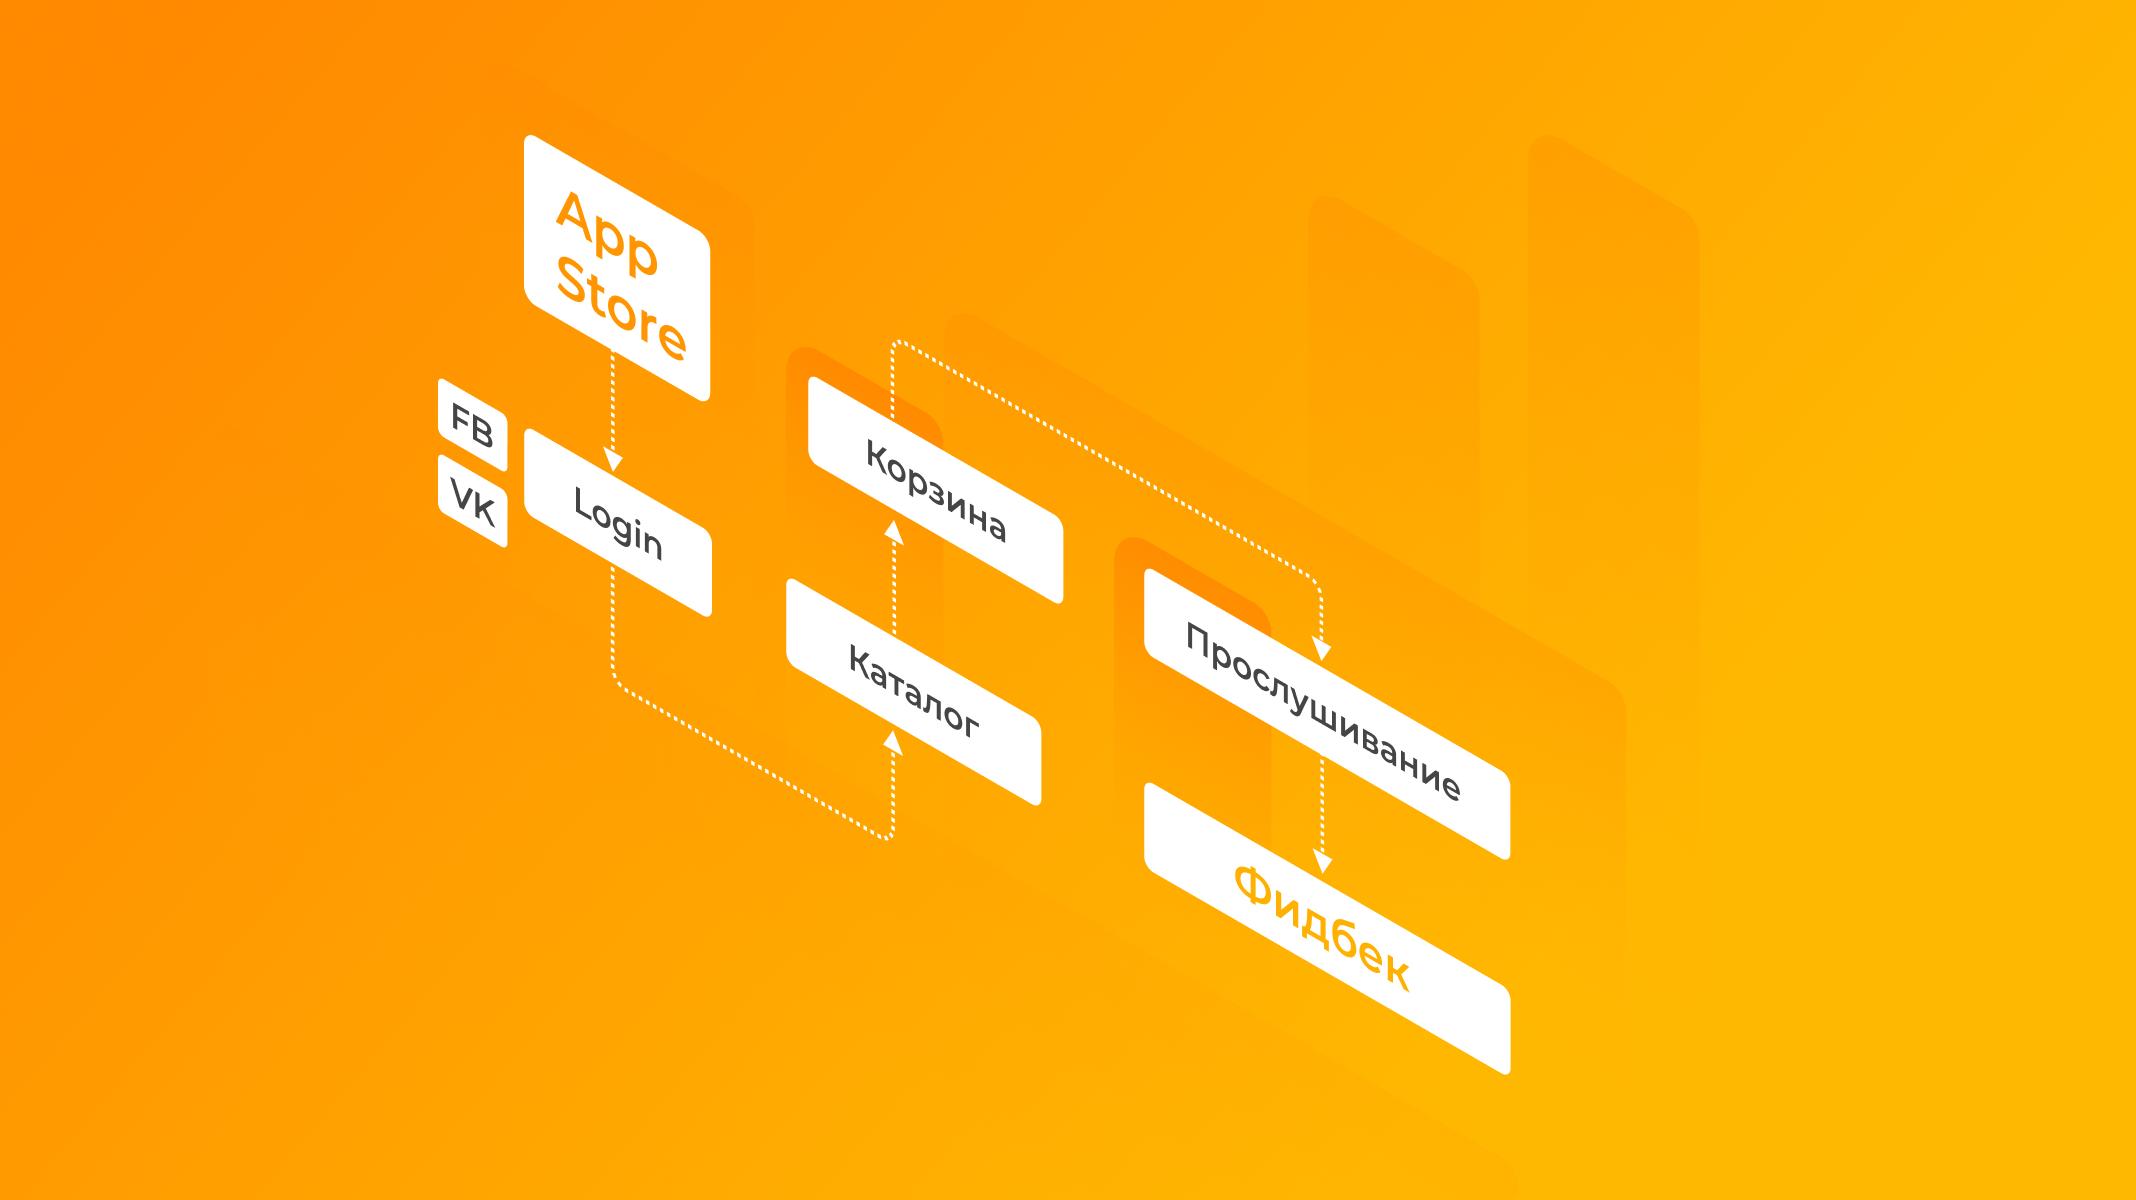 Изображение (схема) примера карты пути пользователя (CJM) плеера с возможностью онлайн покупки музыки: AppStore – Login VK/Facebook – Каталог – Корзина – Прослушивание – Фидбэк